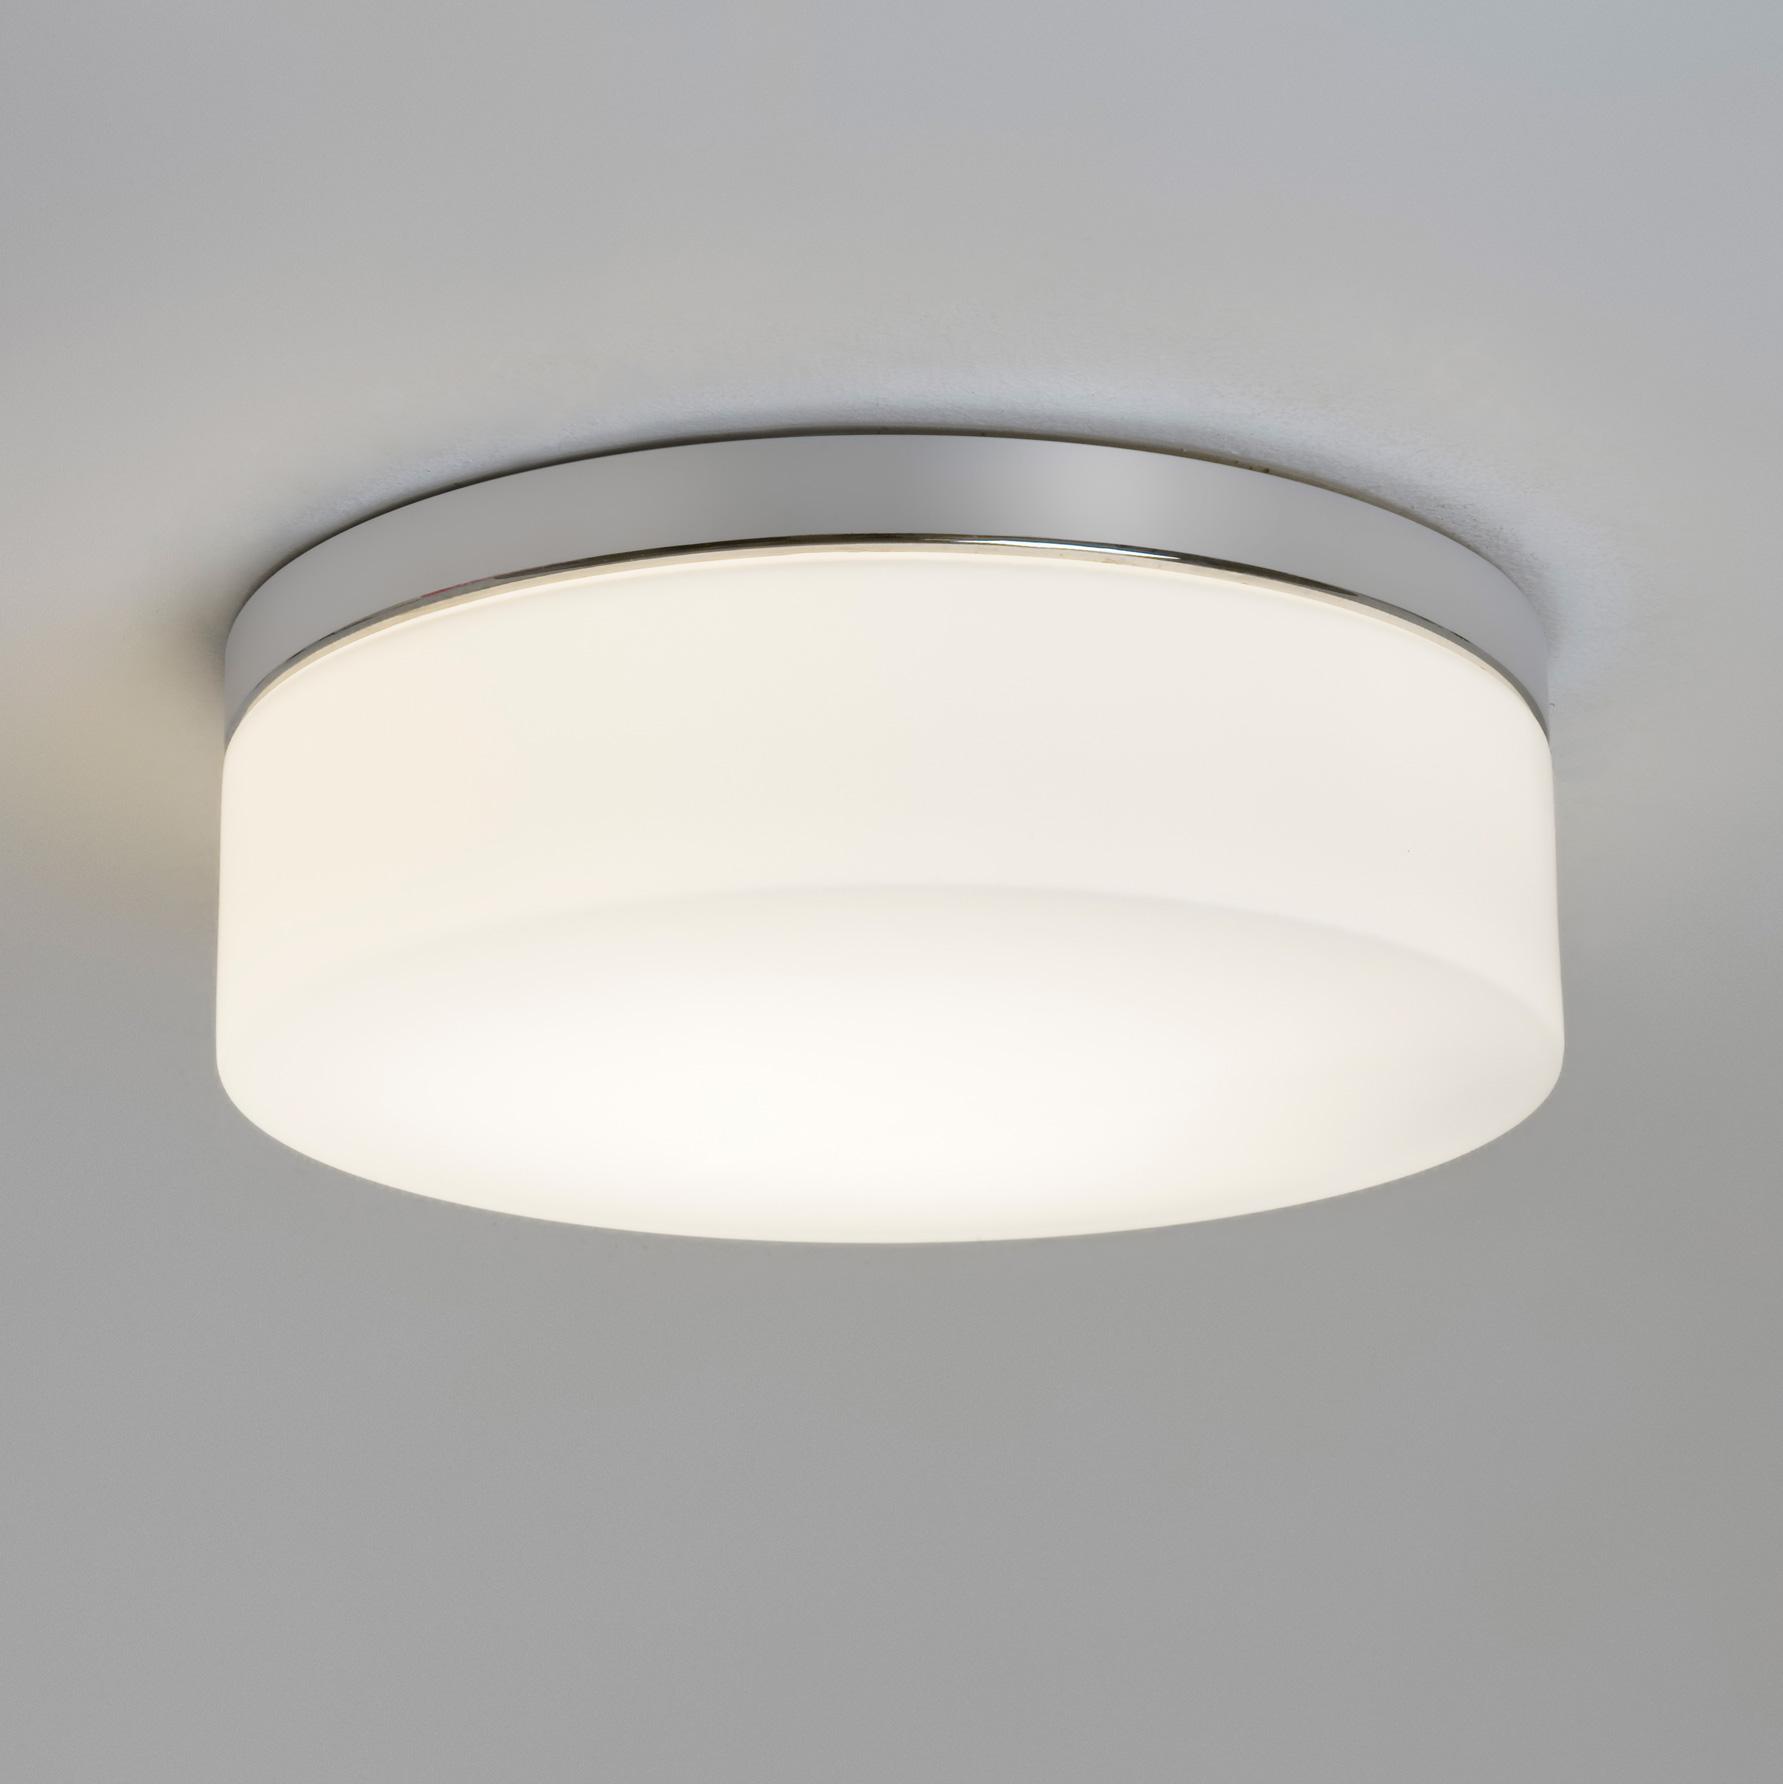 Astro sabina lumi re de plafond ronde circulaire ip44 for Luminaire salle de bain plafond